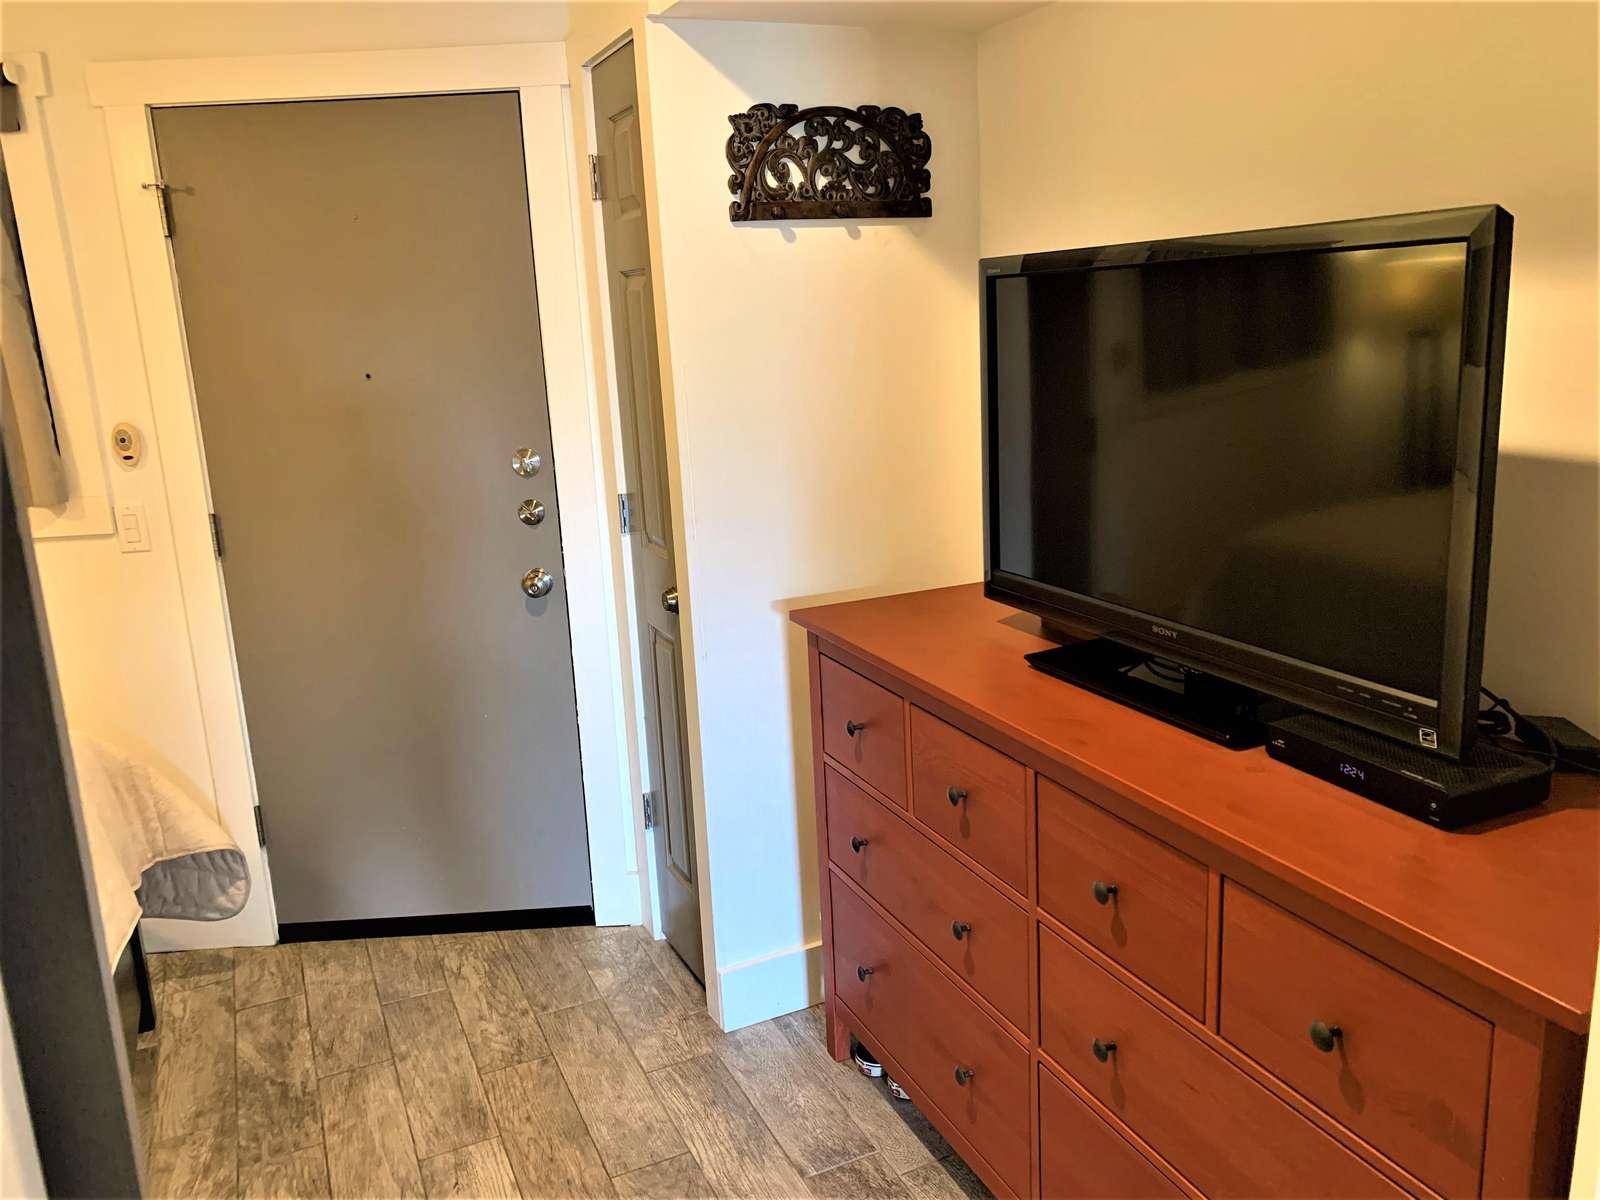 Smart TV in Bedroom